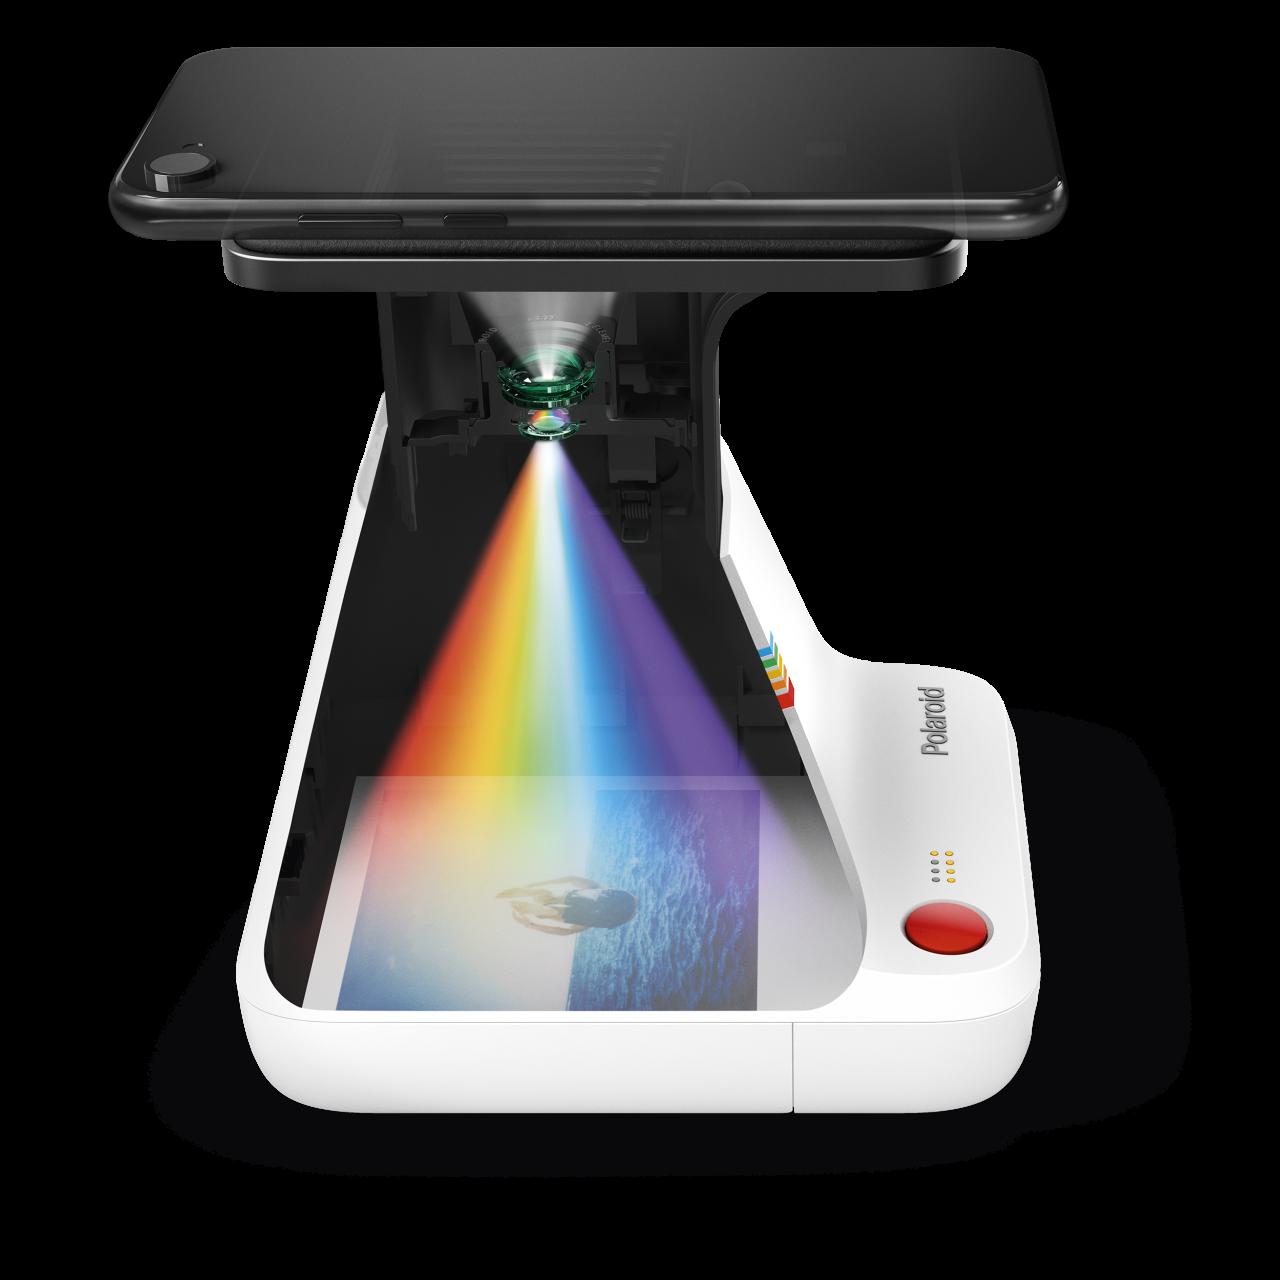 Disponibile Polaroid Lab: pronti a non perdere nemmeno una foto? (video)